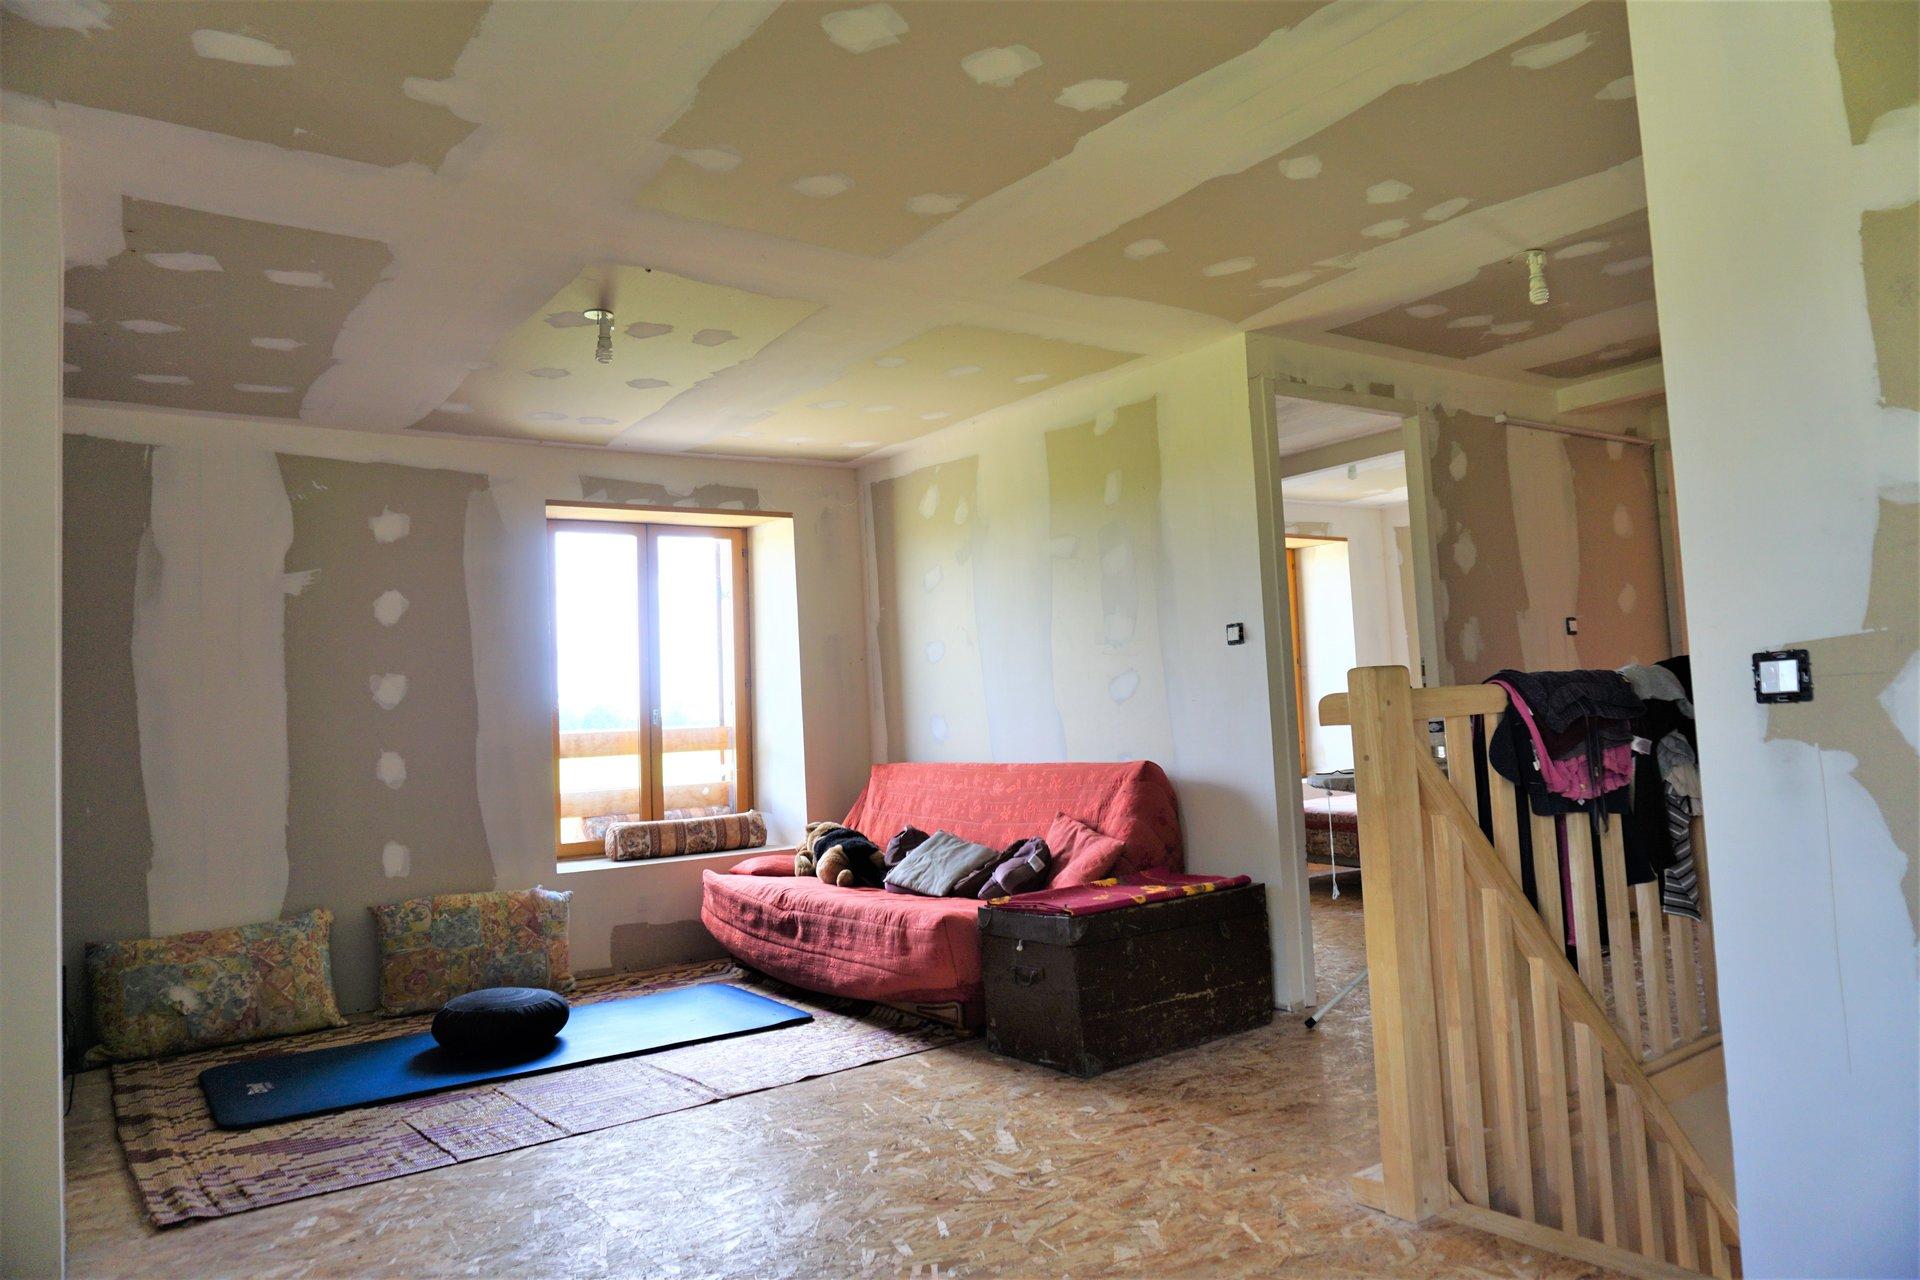 Open space pouvant accueillir une 3ème voire une 4ème chambre ?